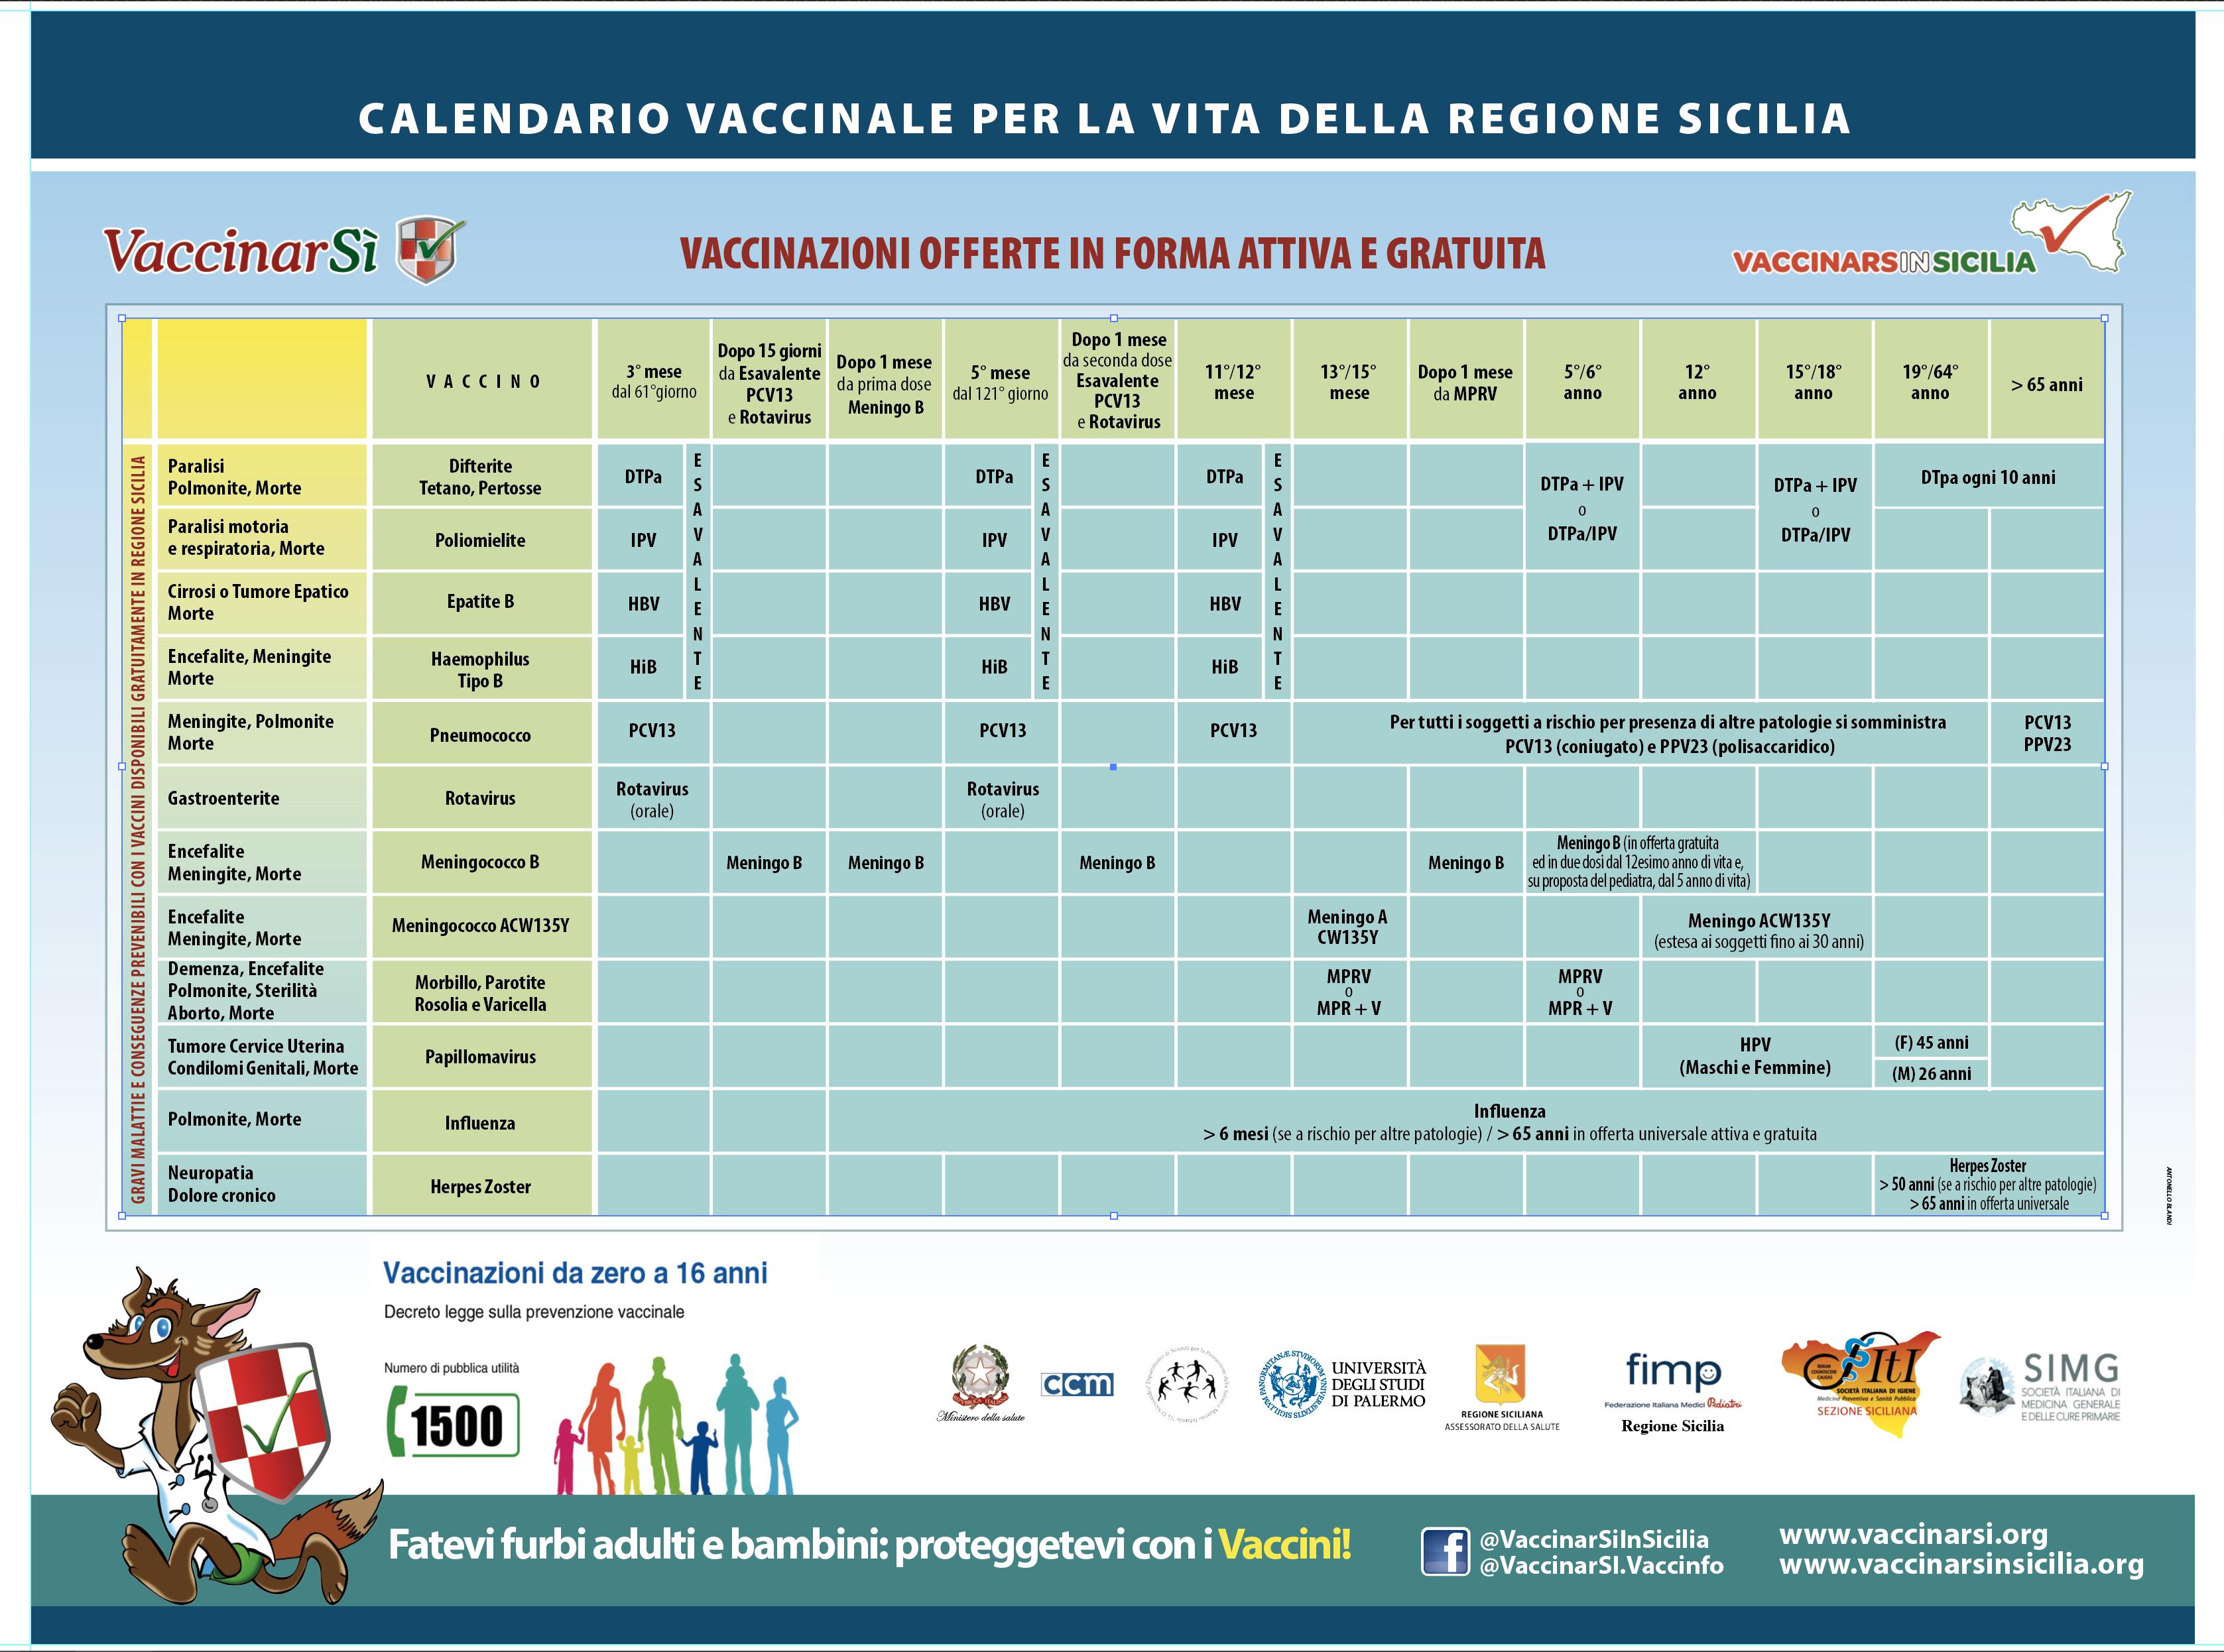 Calendario Delle Vaccinazioni.Nuovo Calendario Vaccinale Siciliano Vaccinarsi In Sicilia